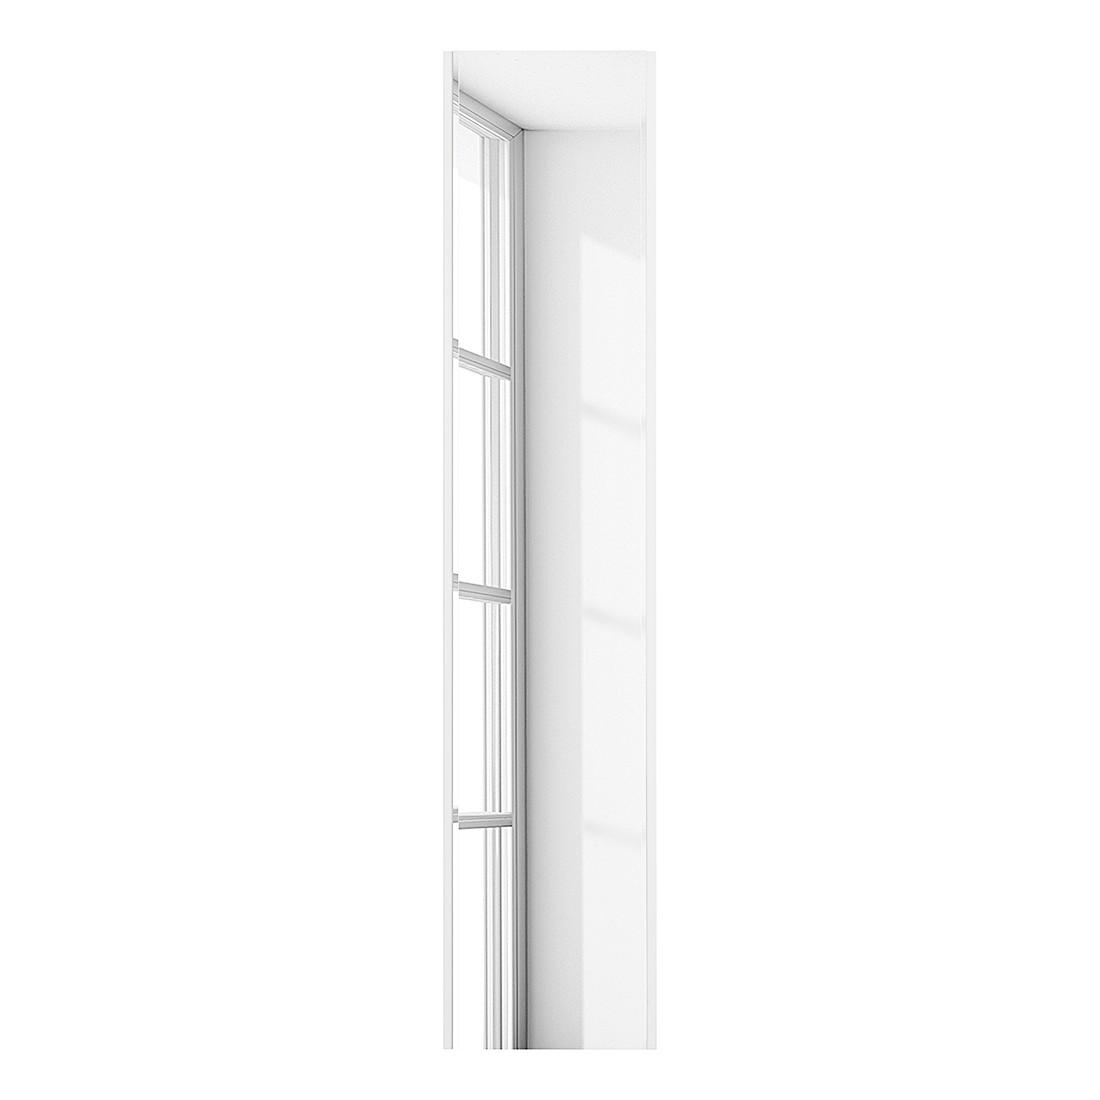 Spiegel Calm III – Hochglanz Weiß, Wittenbreder bestellen